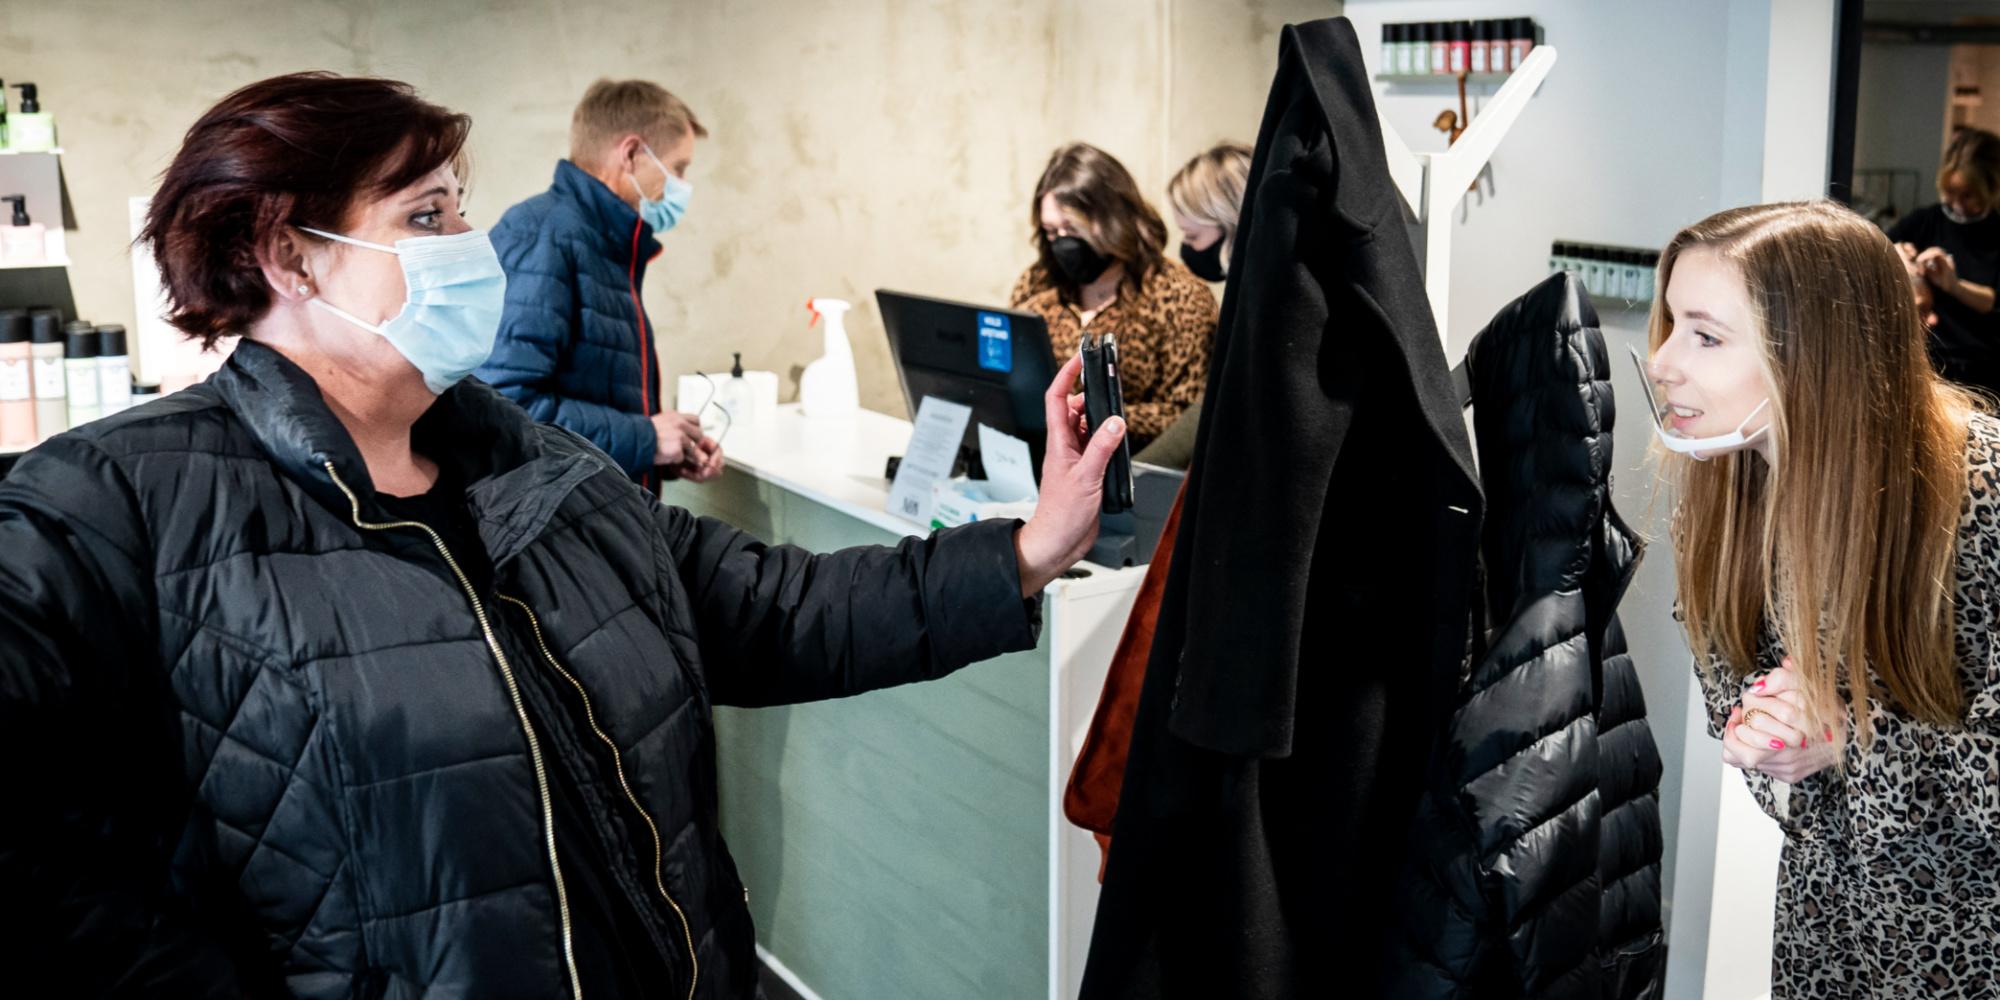 Covid-19 : le Danemark devient le 1er pays de l'UE à utiliser le pass sanitaire